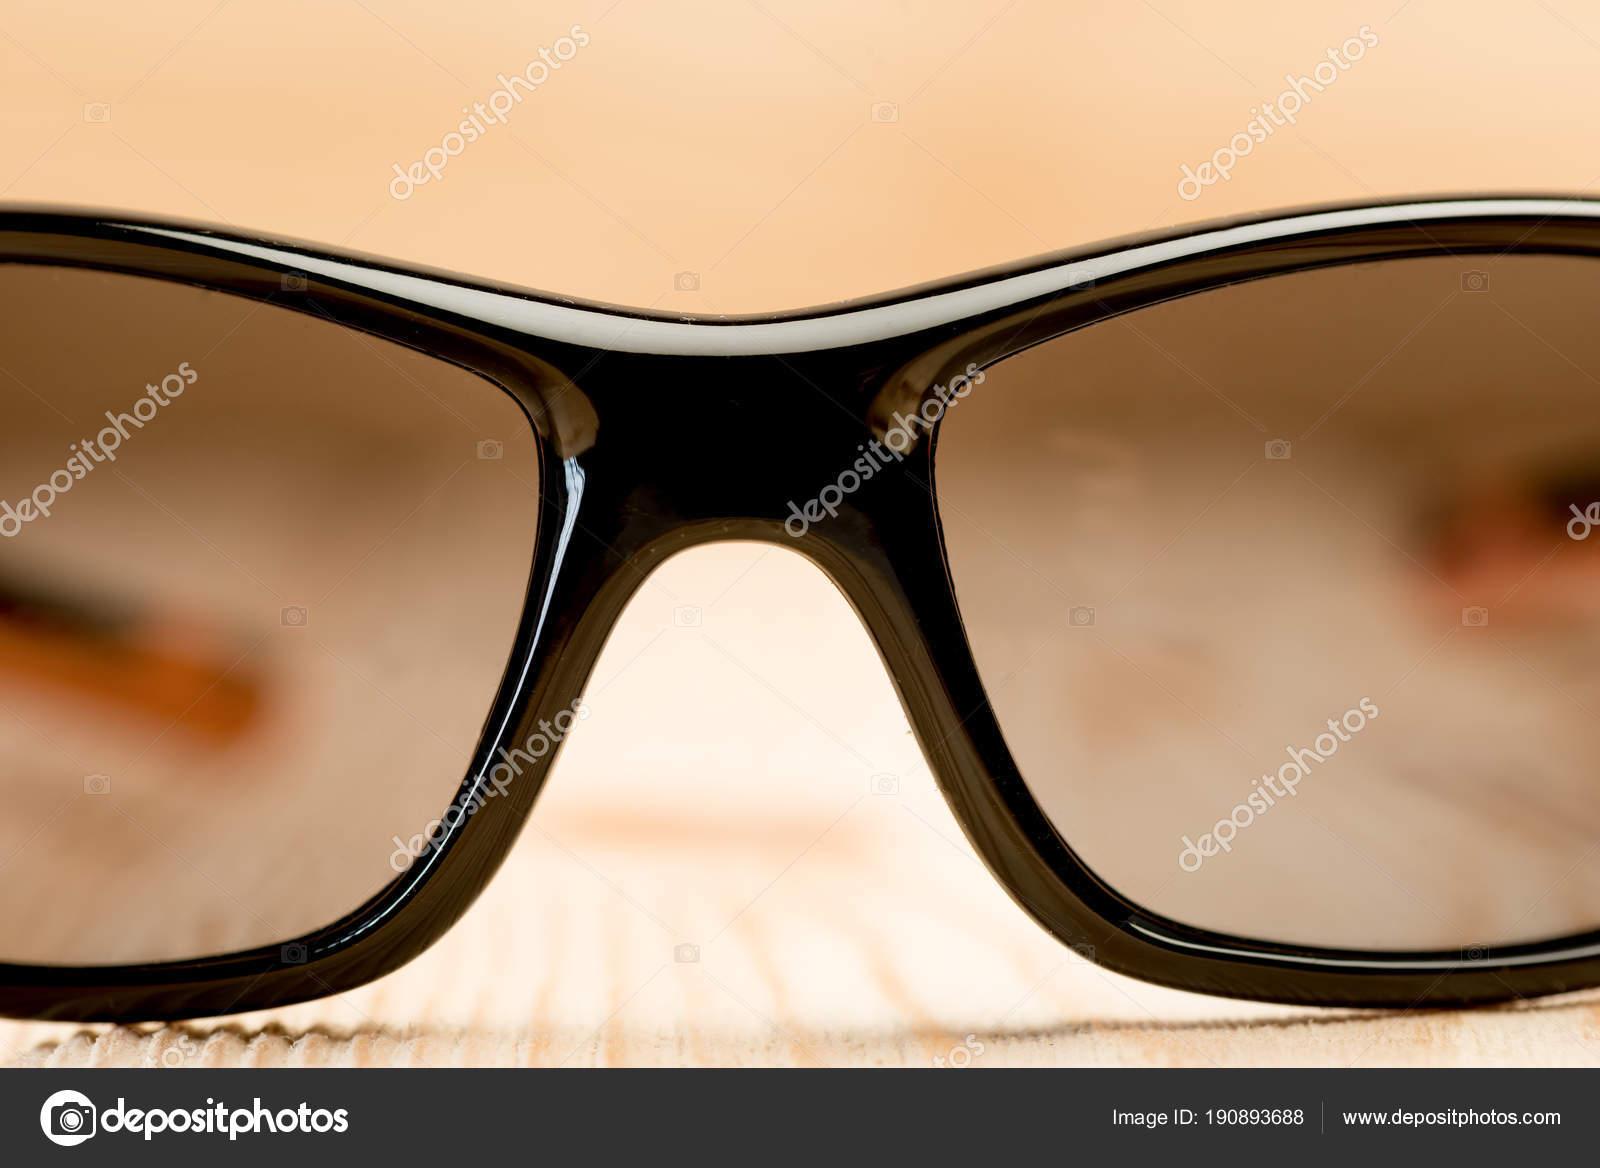 9bd255d3b3 γυαλιά ηλίου με πολωτικό γυαλιά βρίσκονται σε μια ξύλινη επιφάνεια ...